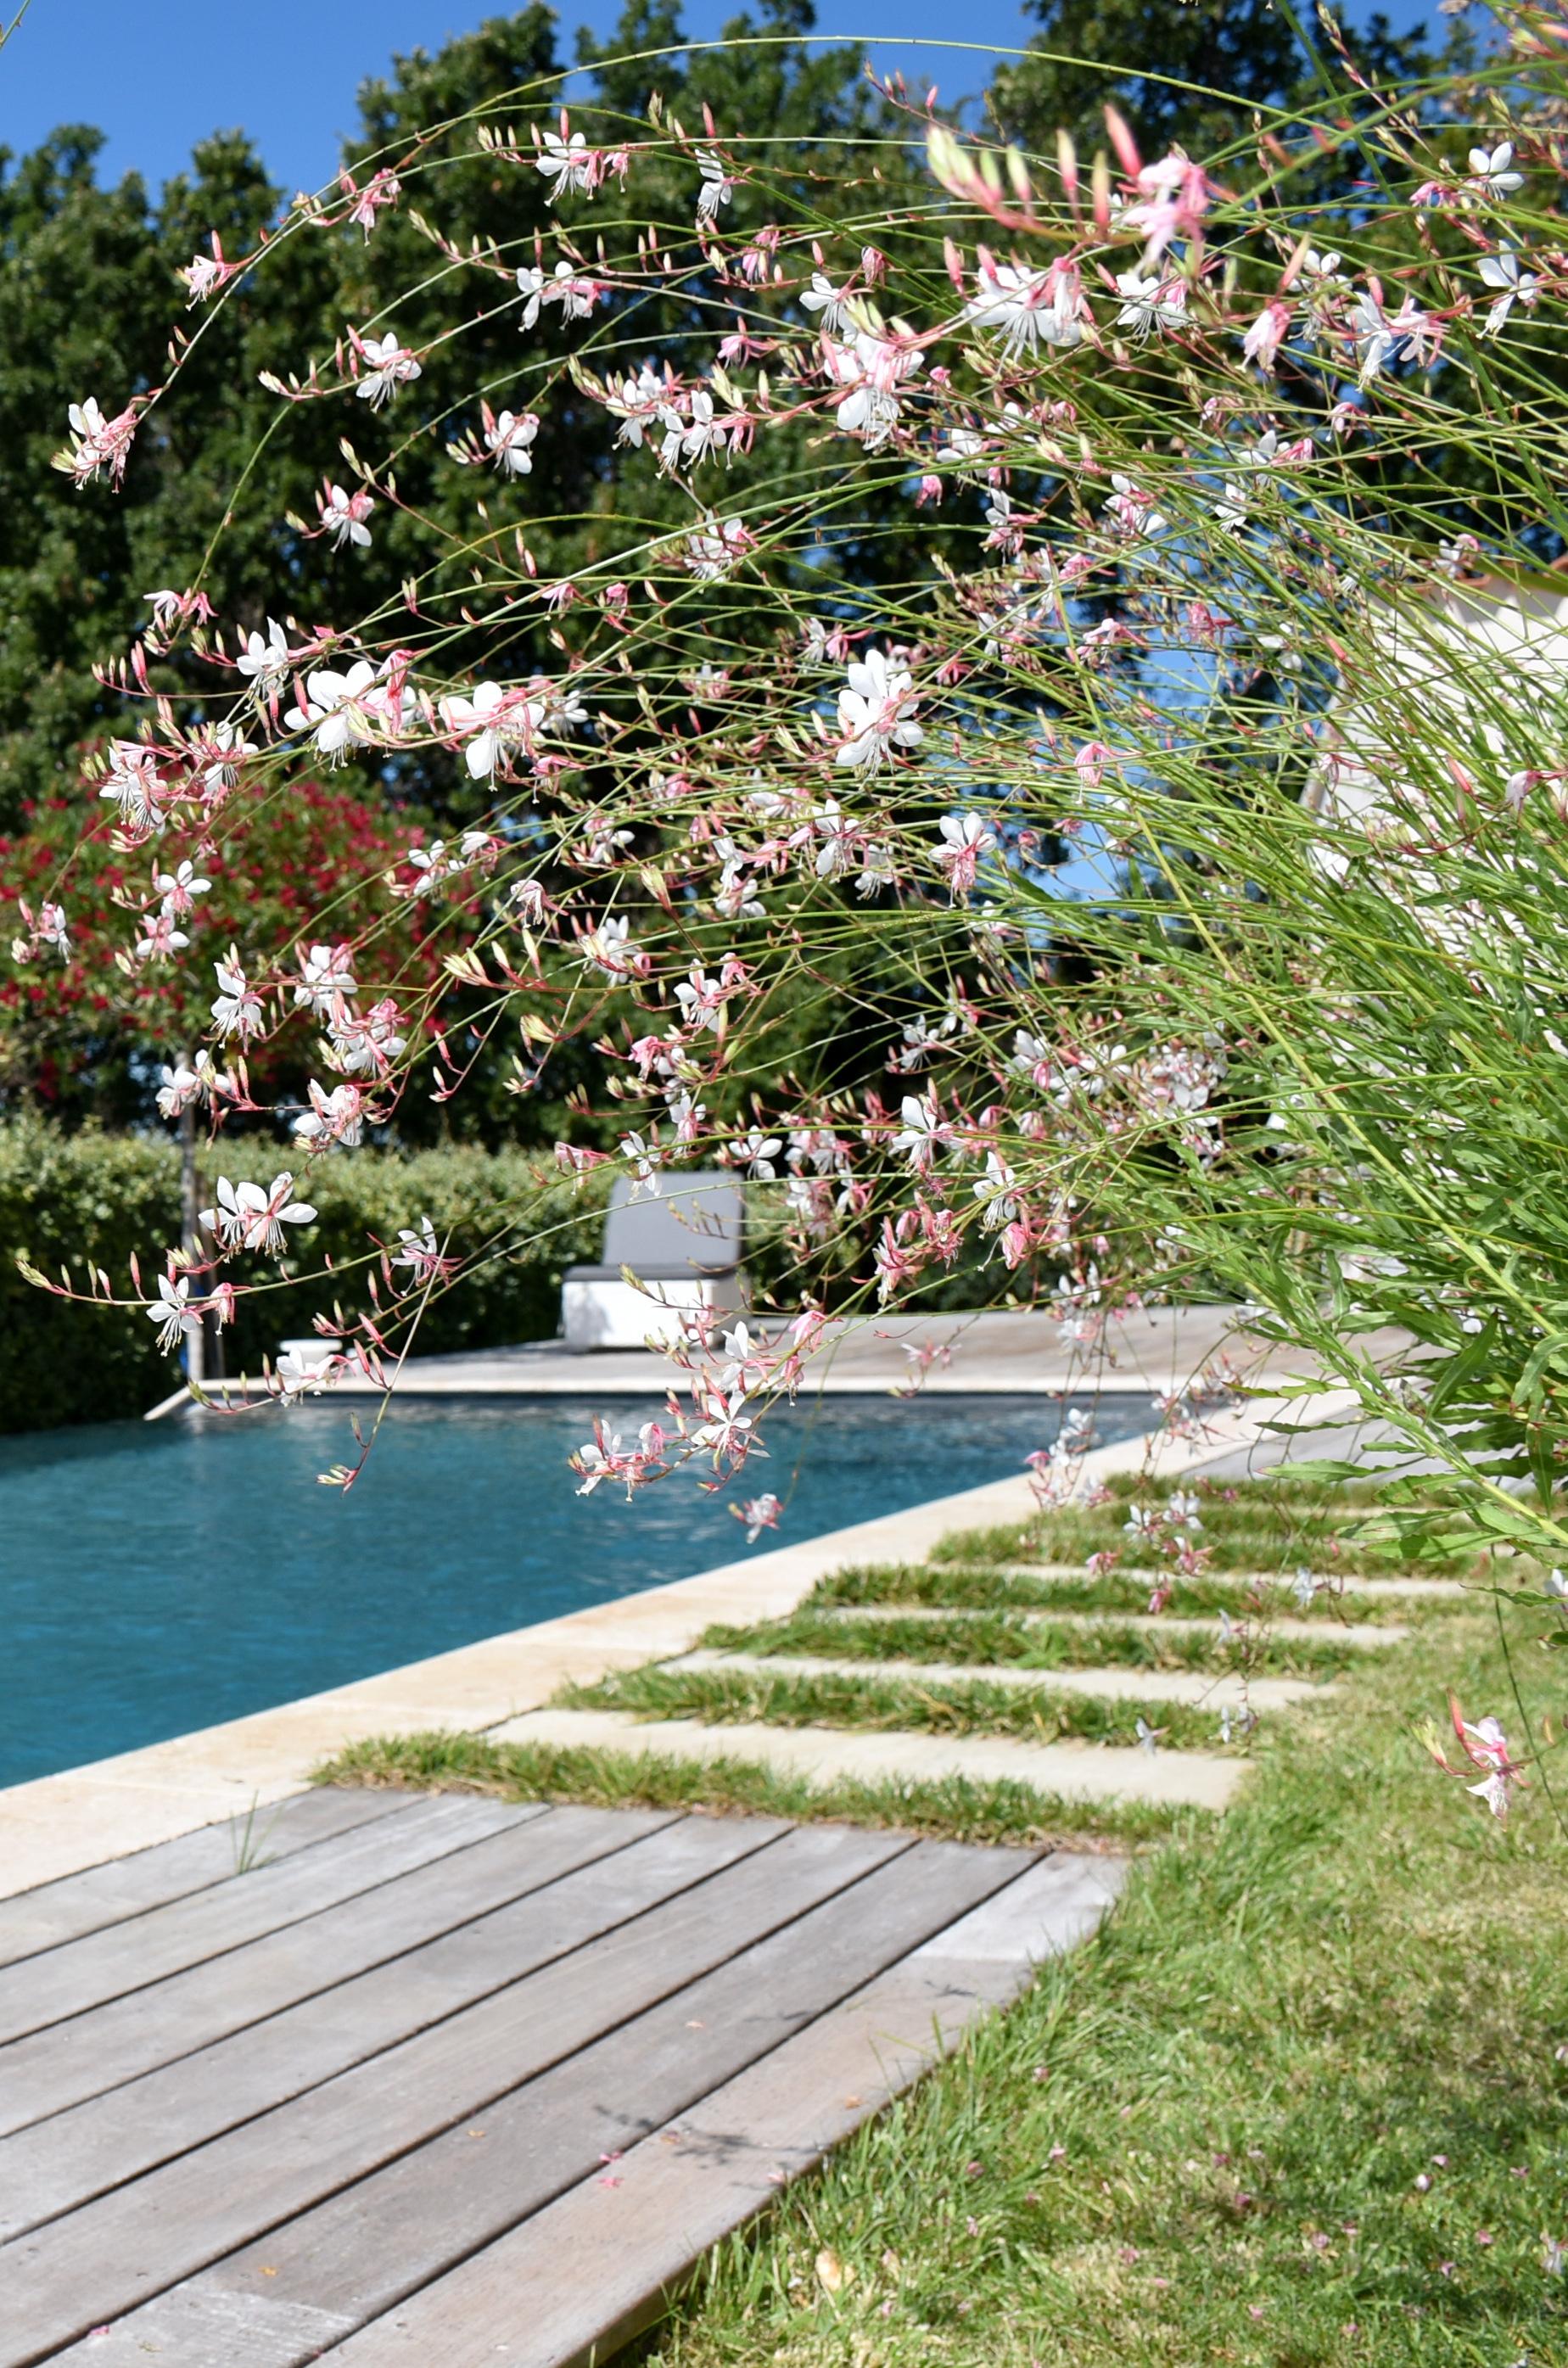 Piscine haut de gamme fleurs en été